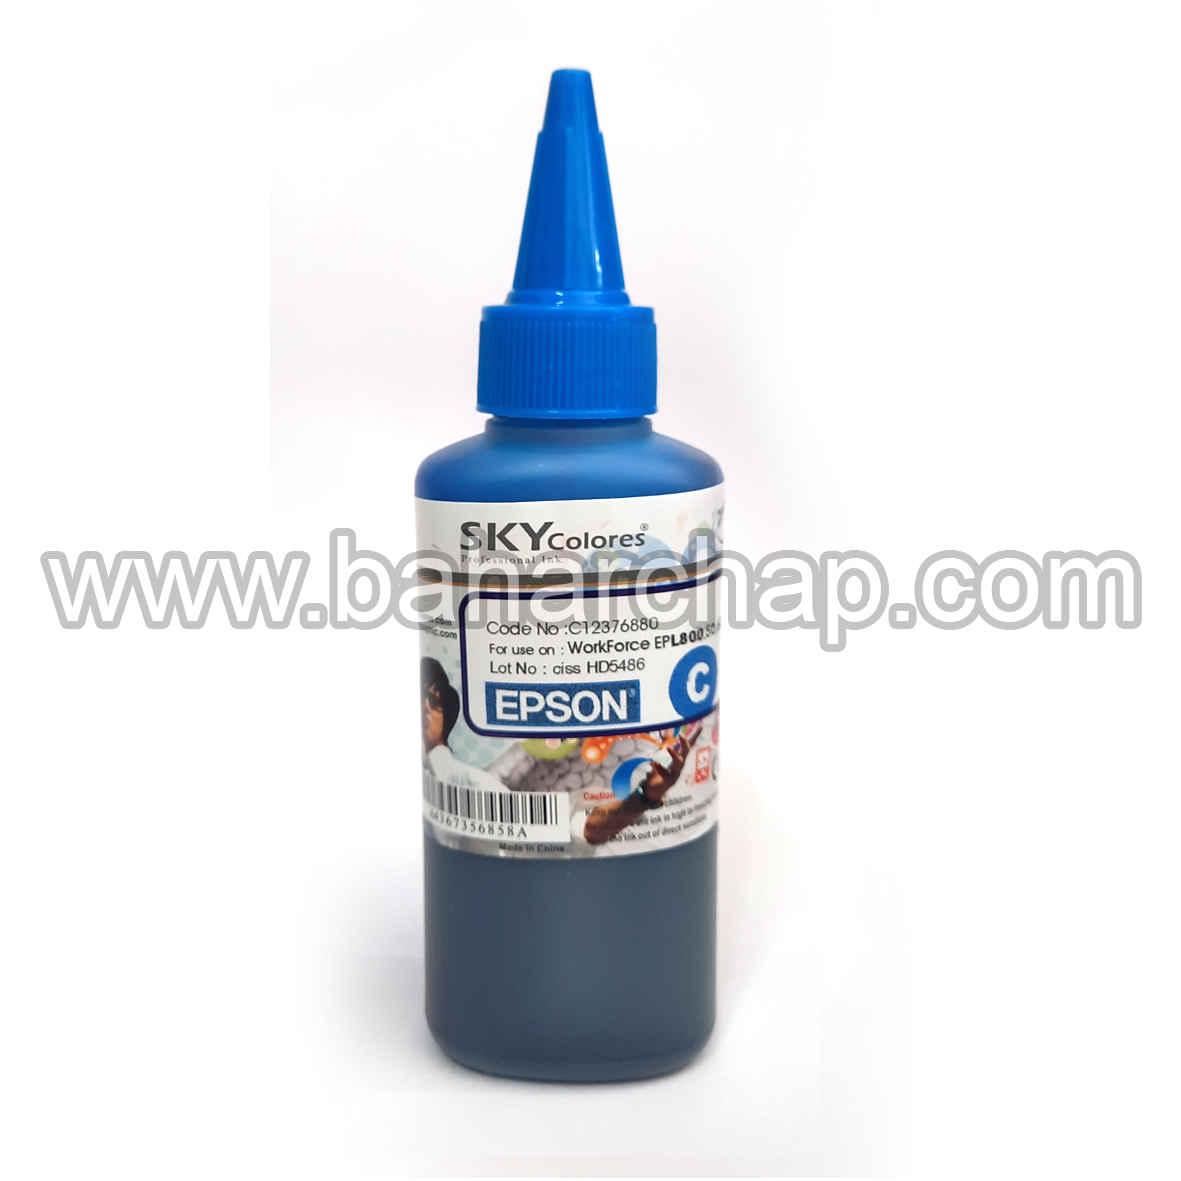 فروشگاه و خدمات اینترنتی بهارچاپ اصفهان-جوهر اسکای100cc اپسون (آبی)-SKY INK FOR EPSON 100cc (C)